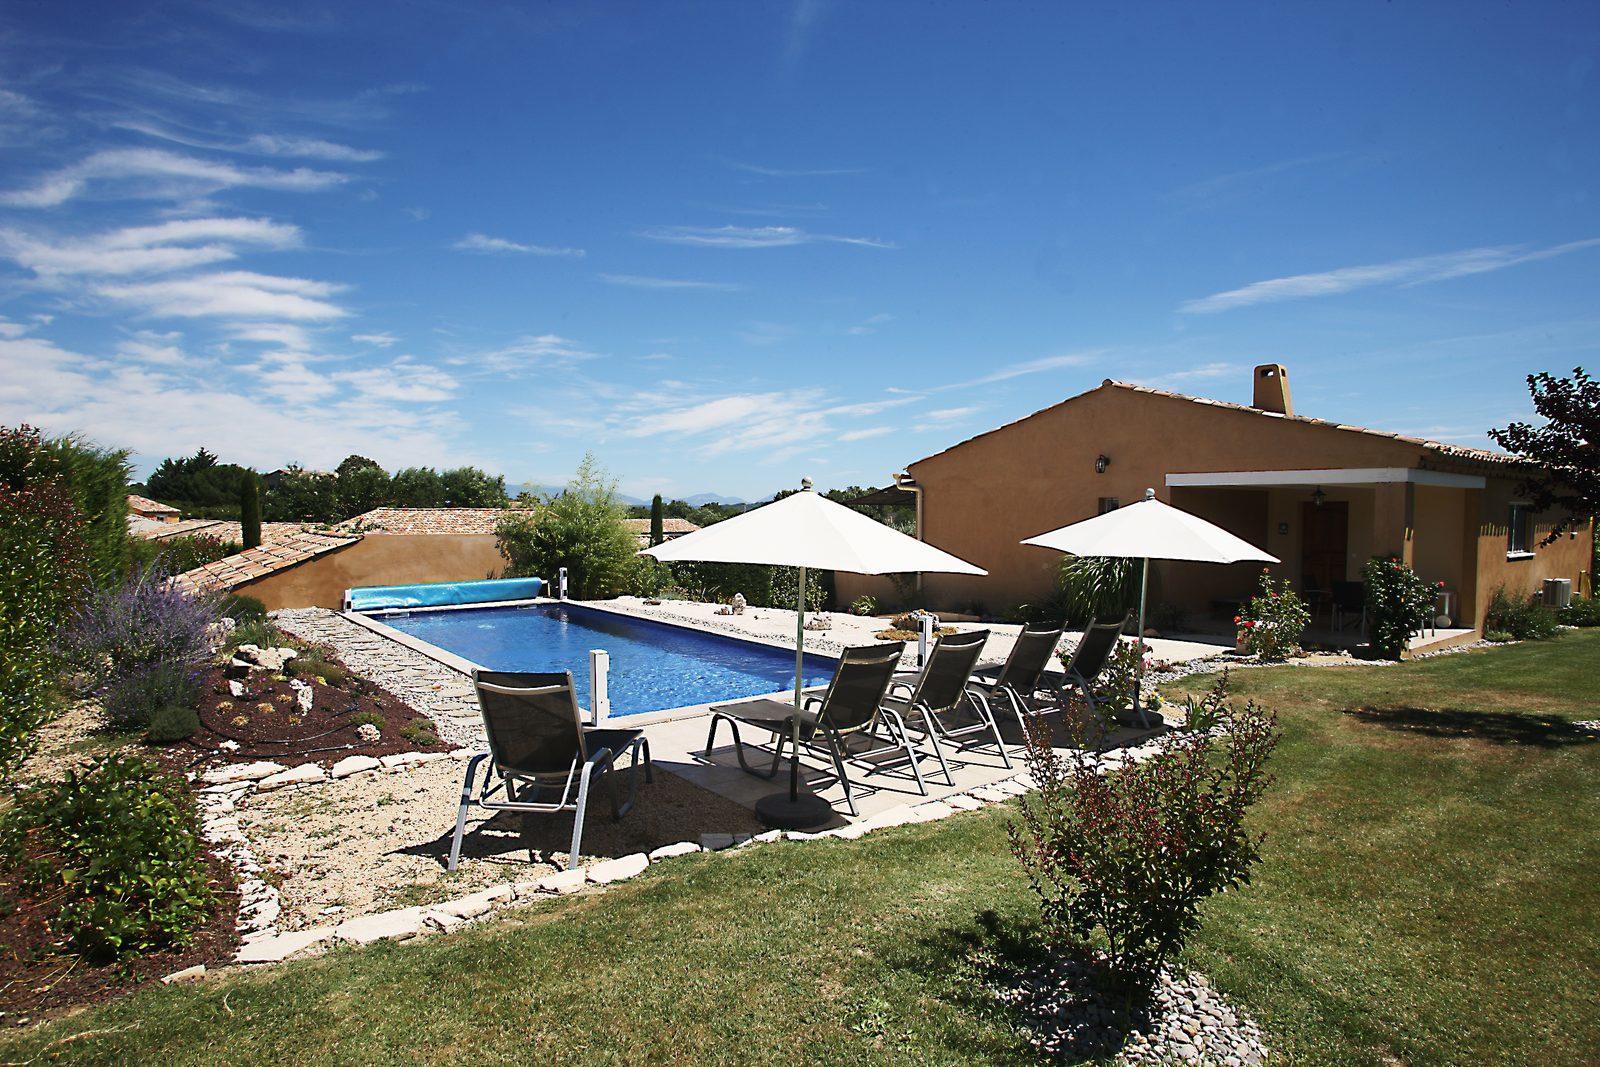 Vakantiehuis, Frankrijk, villa, huren, privezwembad, luxe, Provence